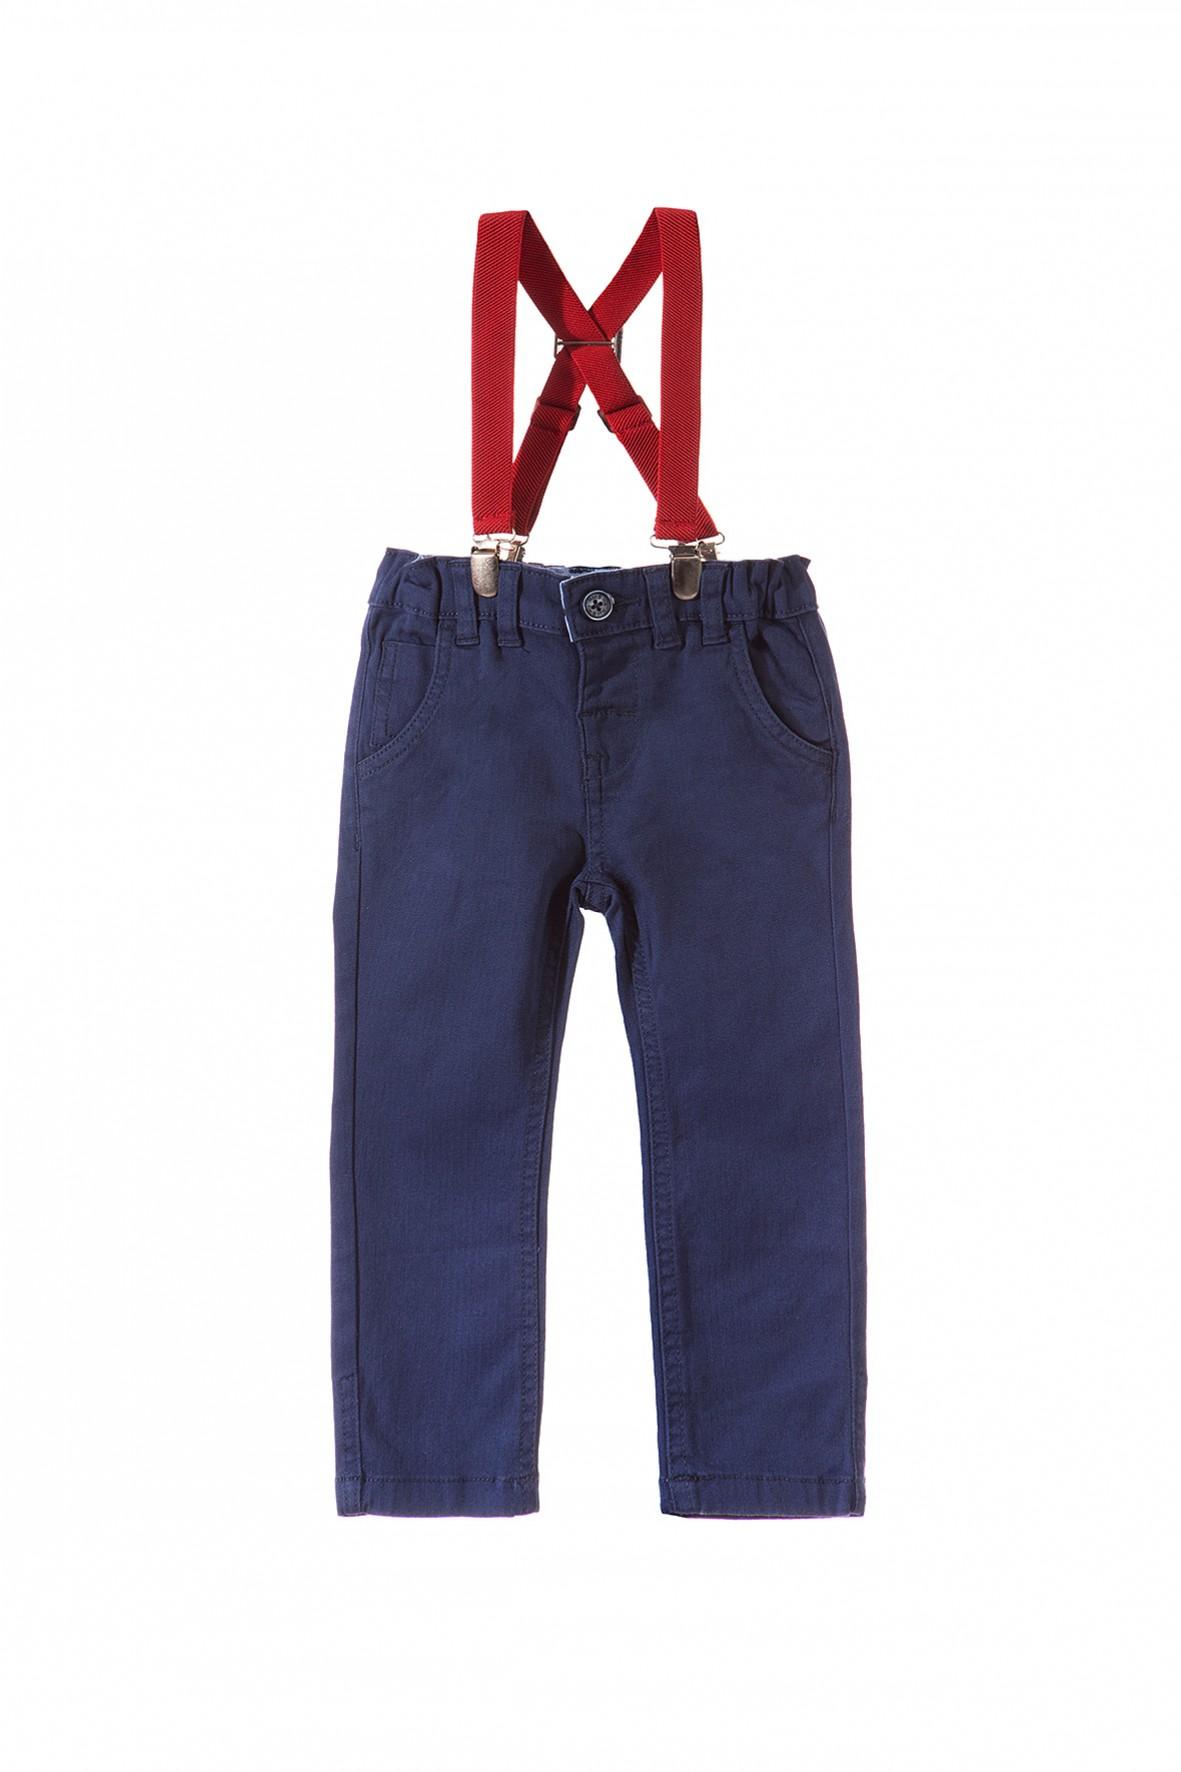 Spodnie chłopięce z szelkami 1L3315